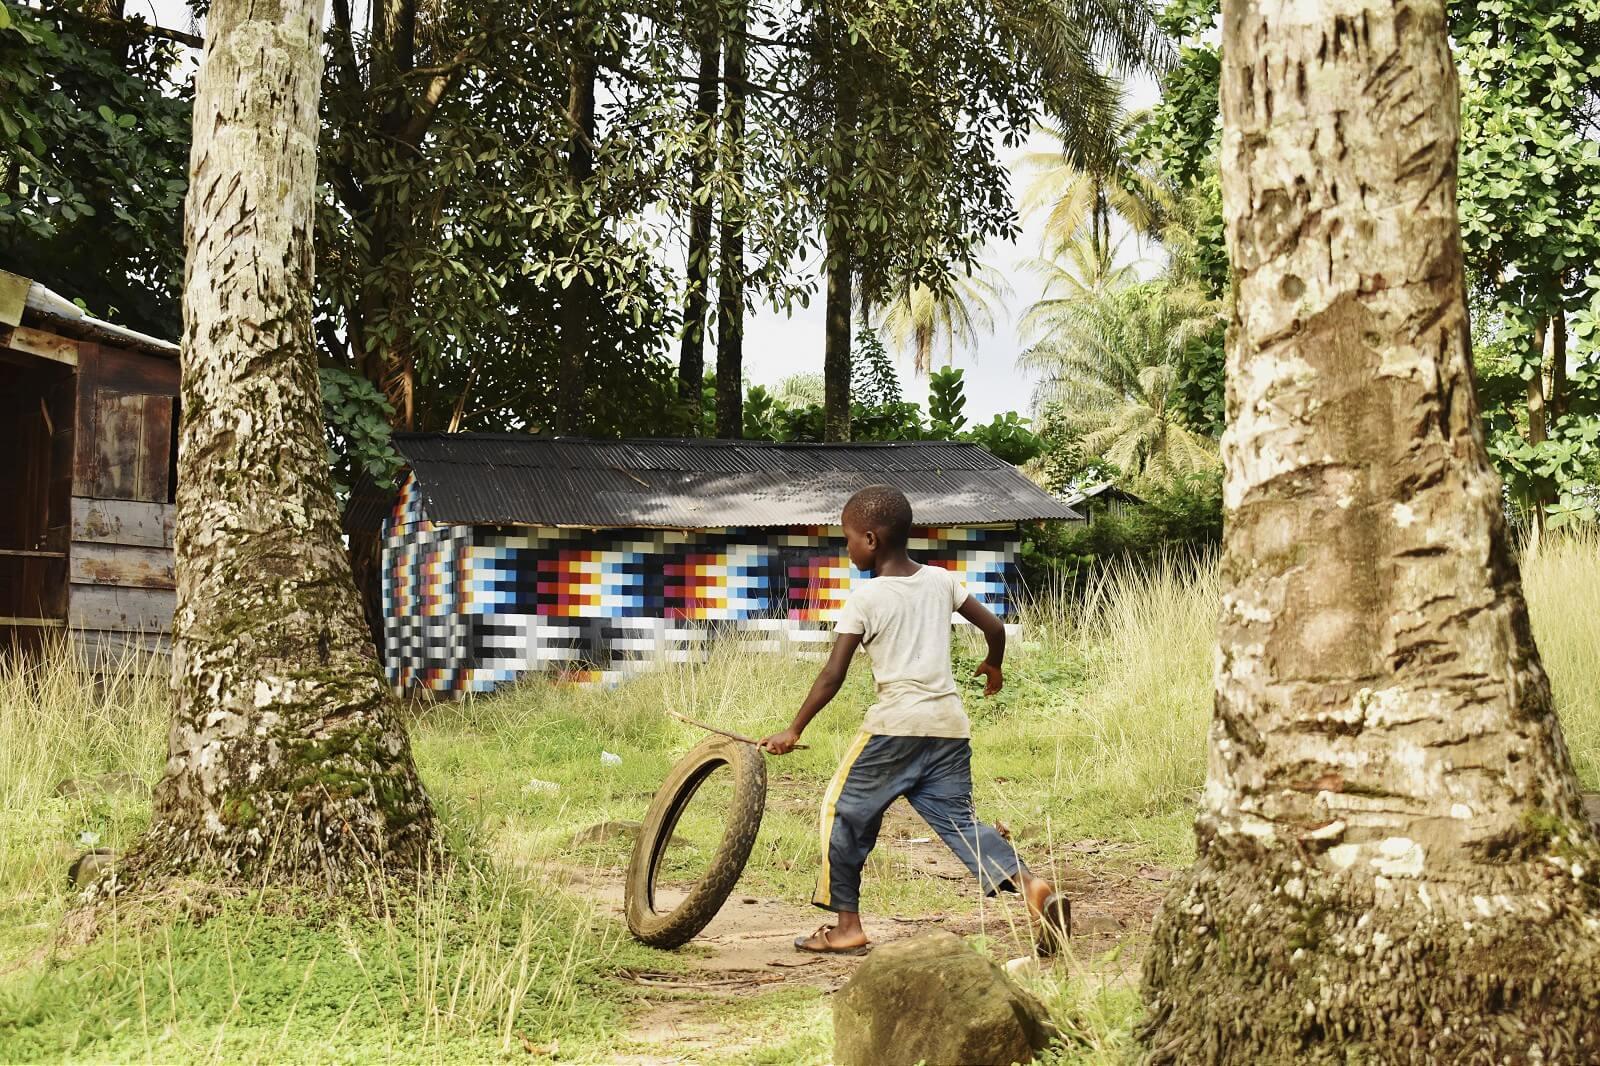 The Hut: Felipe Pantone lleva su street art cinético hasta África